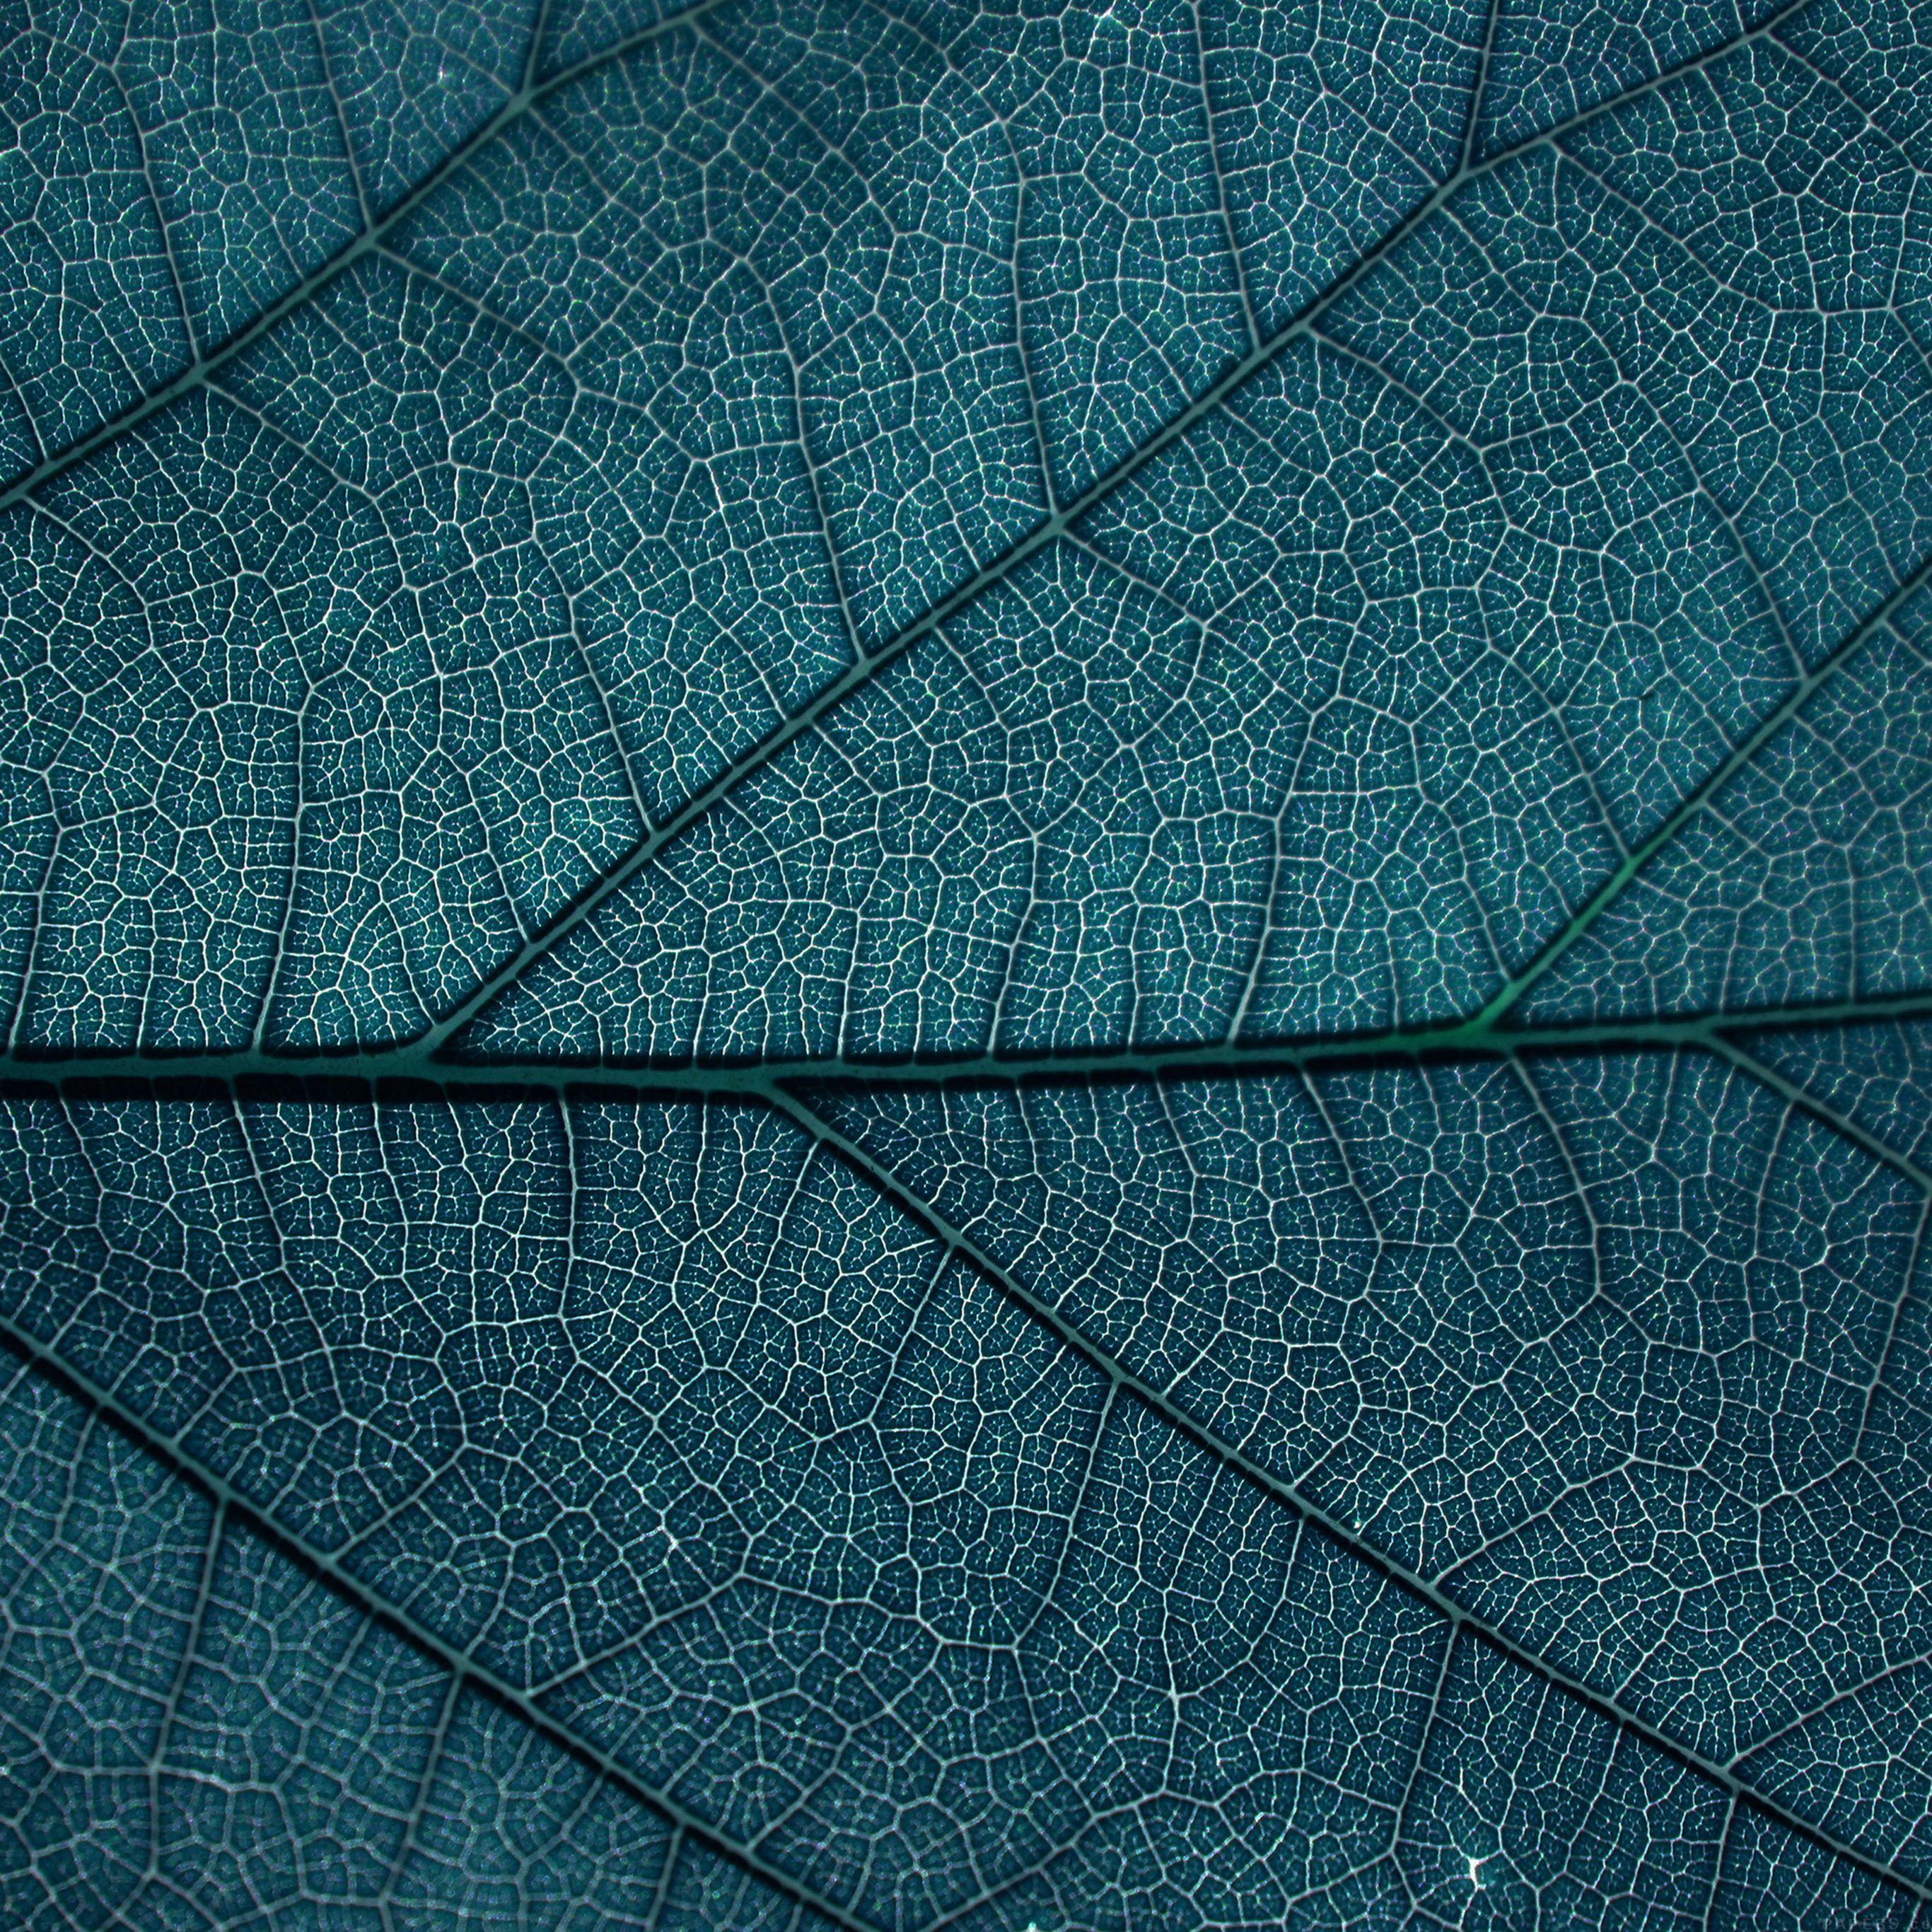 Leaf Blue Dark Nature Texture Pattern iPad Pro wallpaper